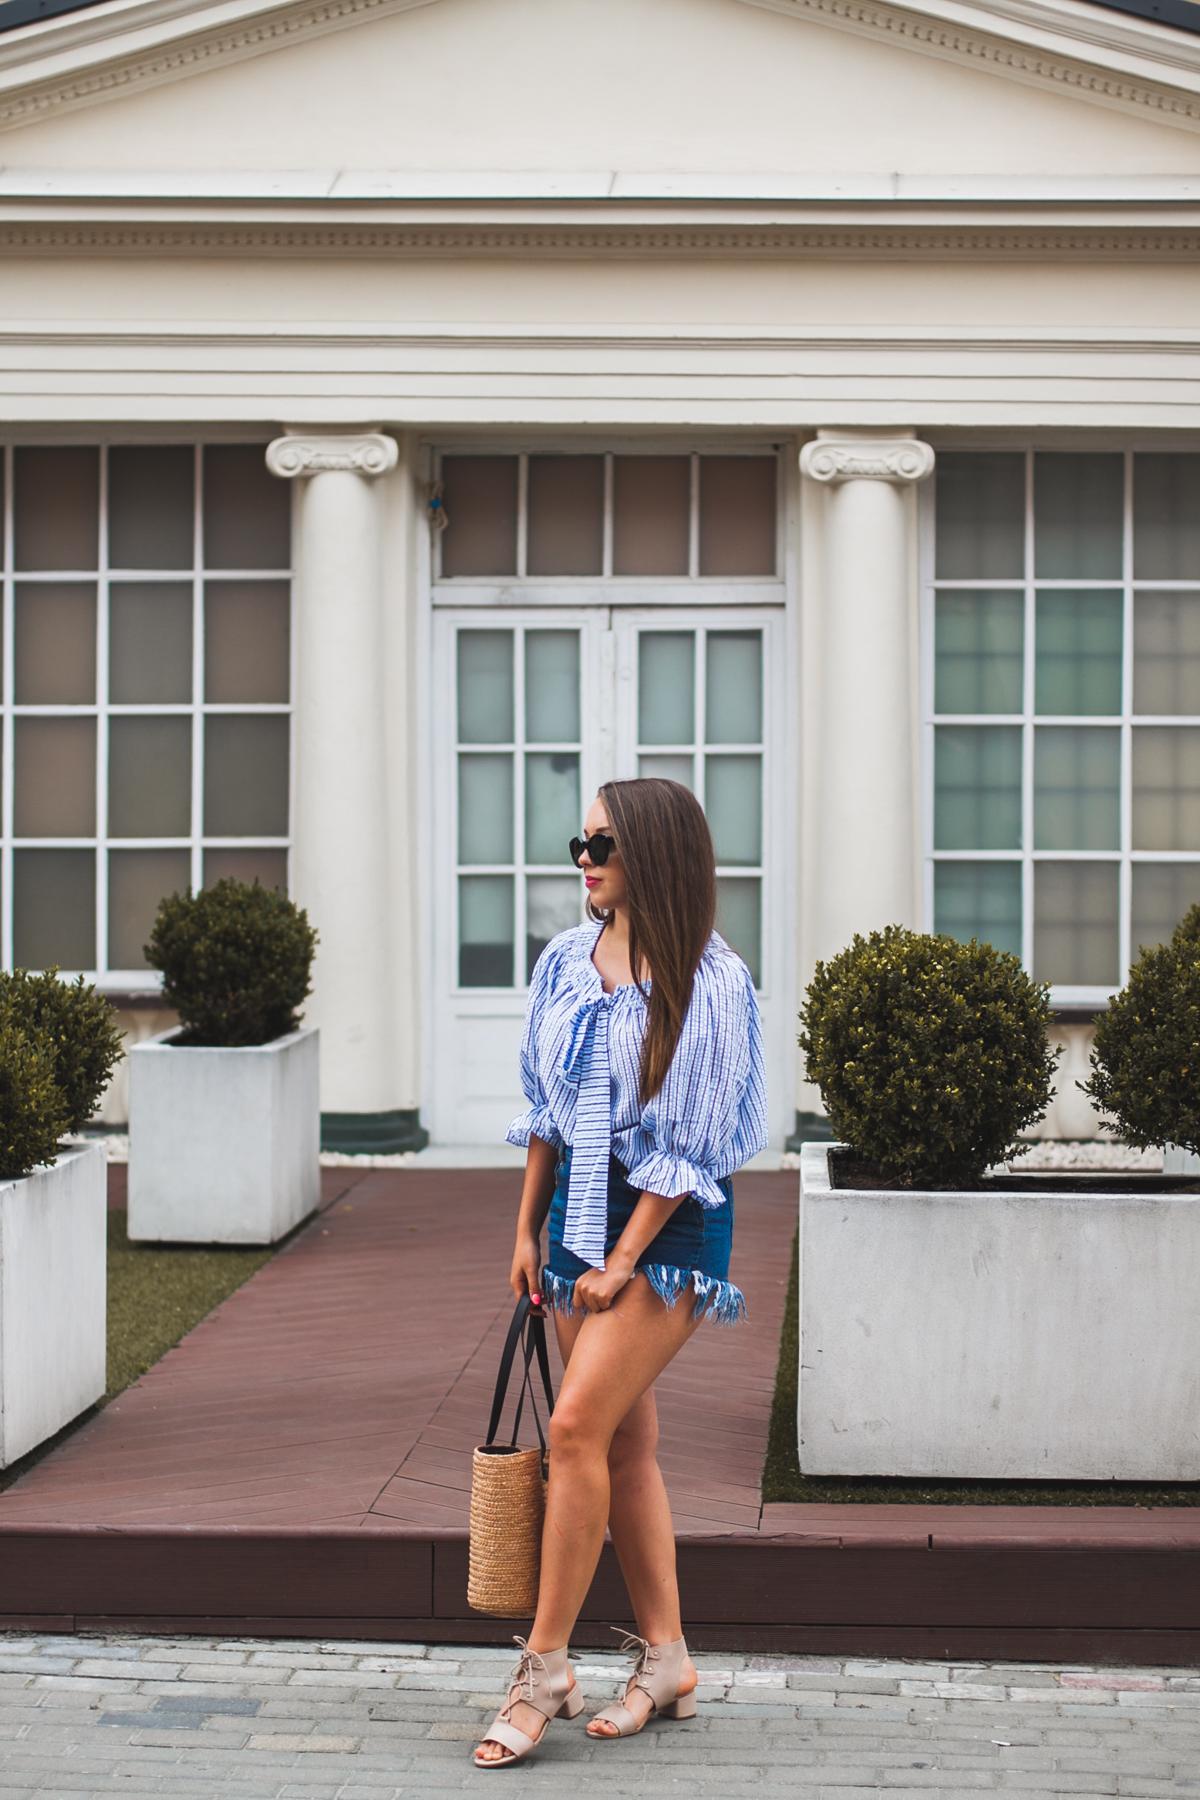 koszula w paski niebiesko białe